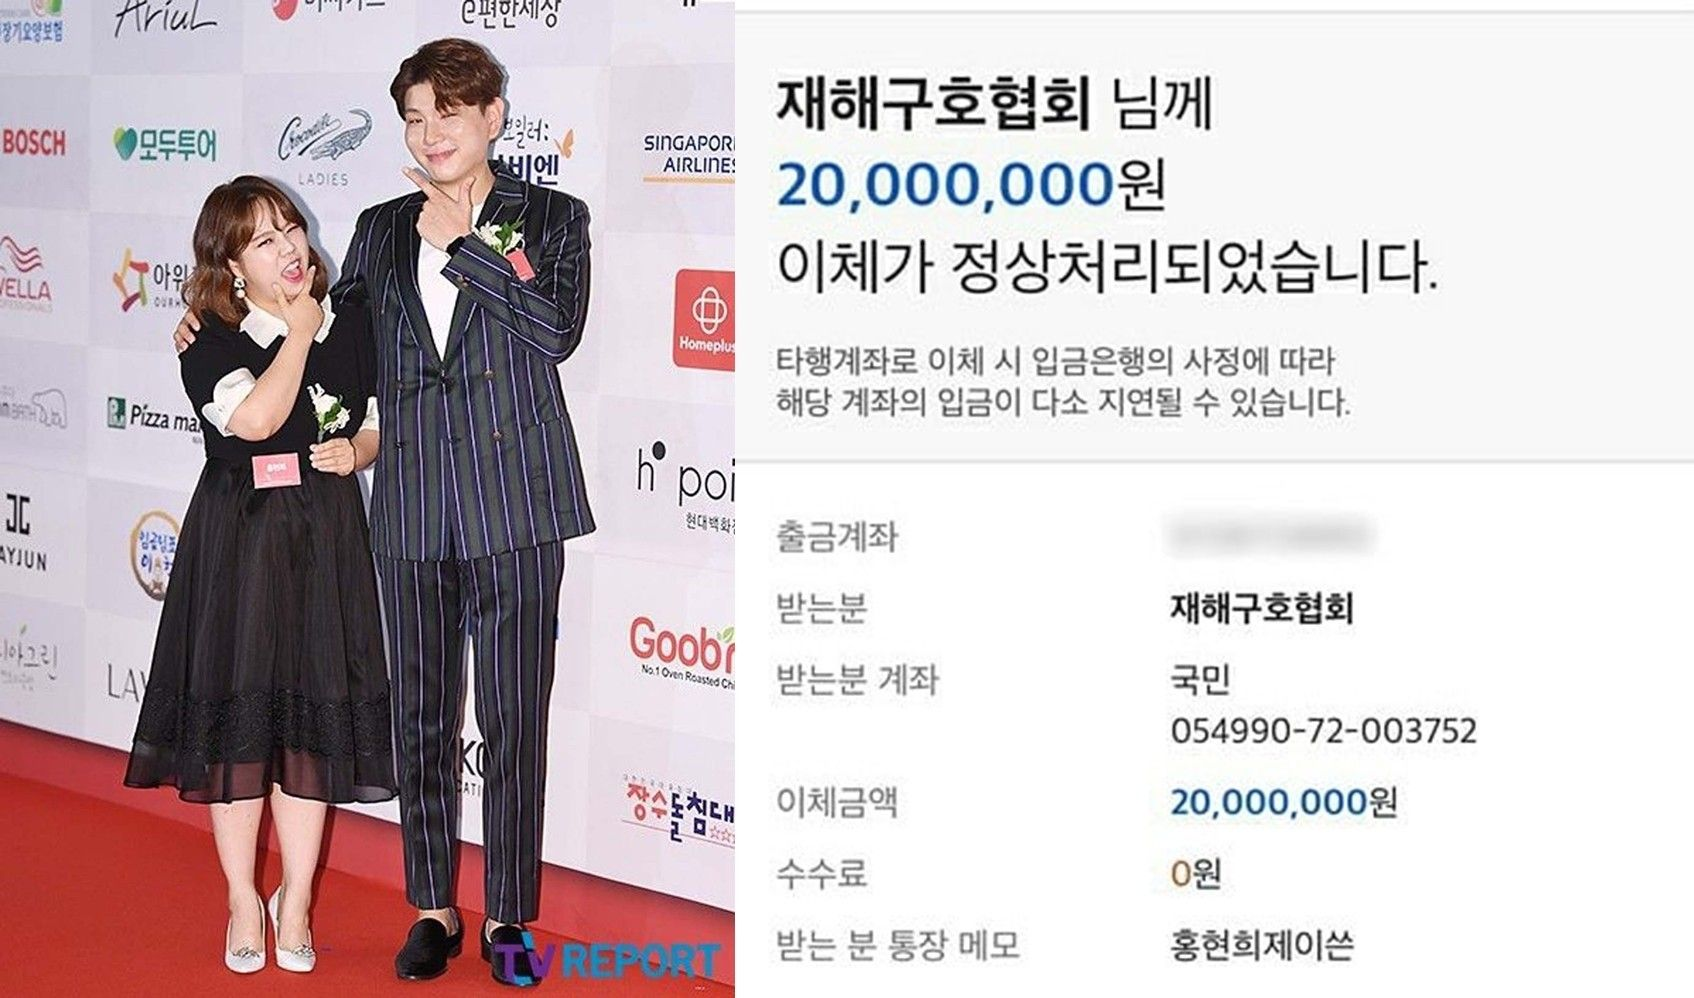 """홍현희♥제이쓴 부부 """"수재민에게 작은 힘 되길"""" 2천만원 쾌척"""